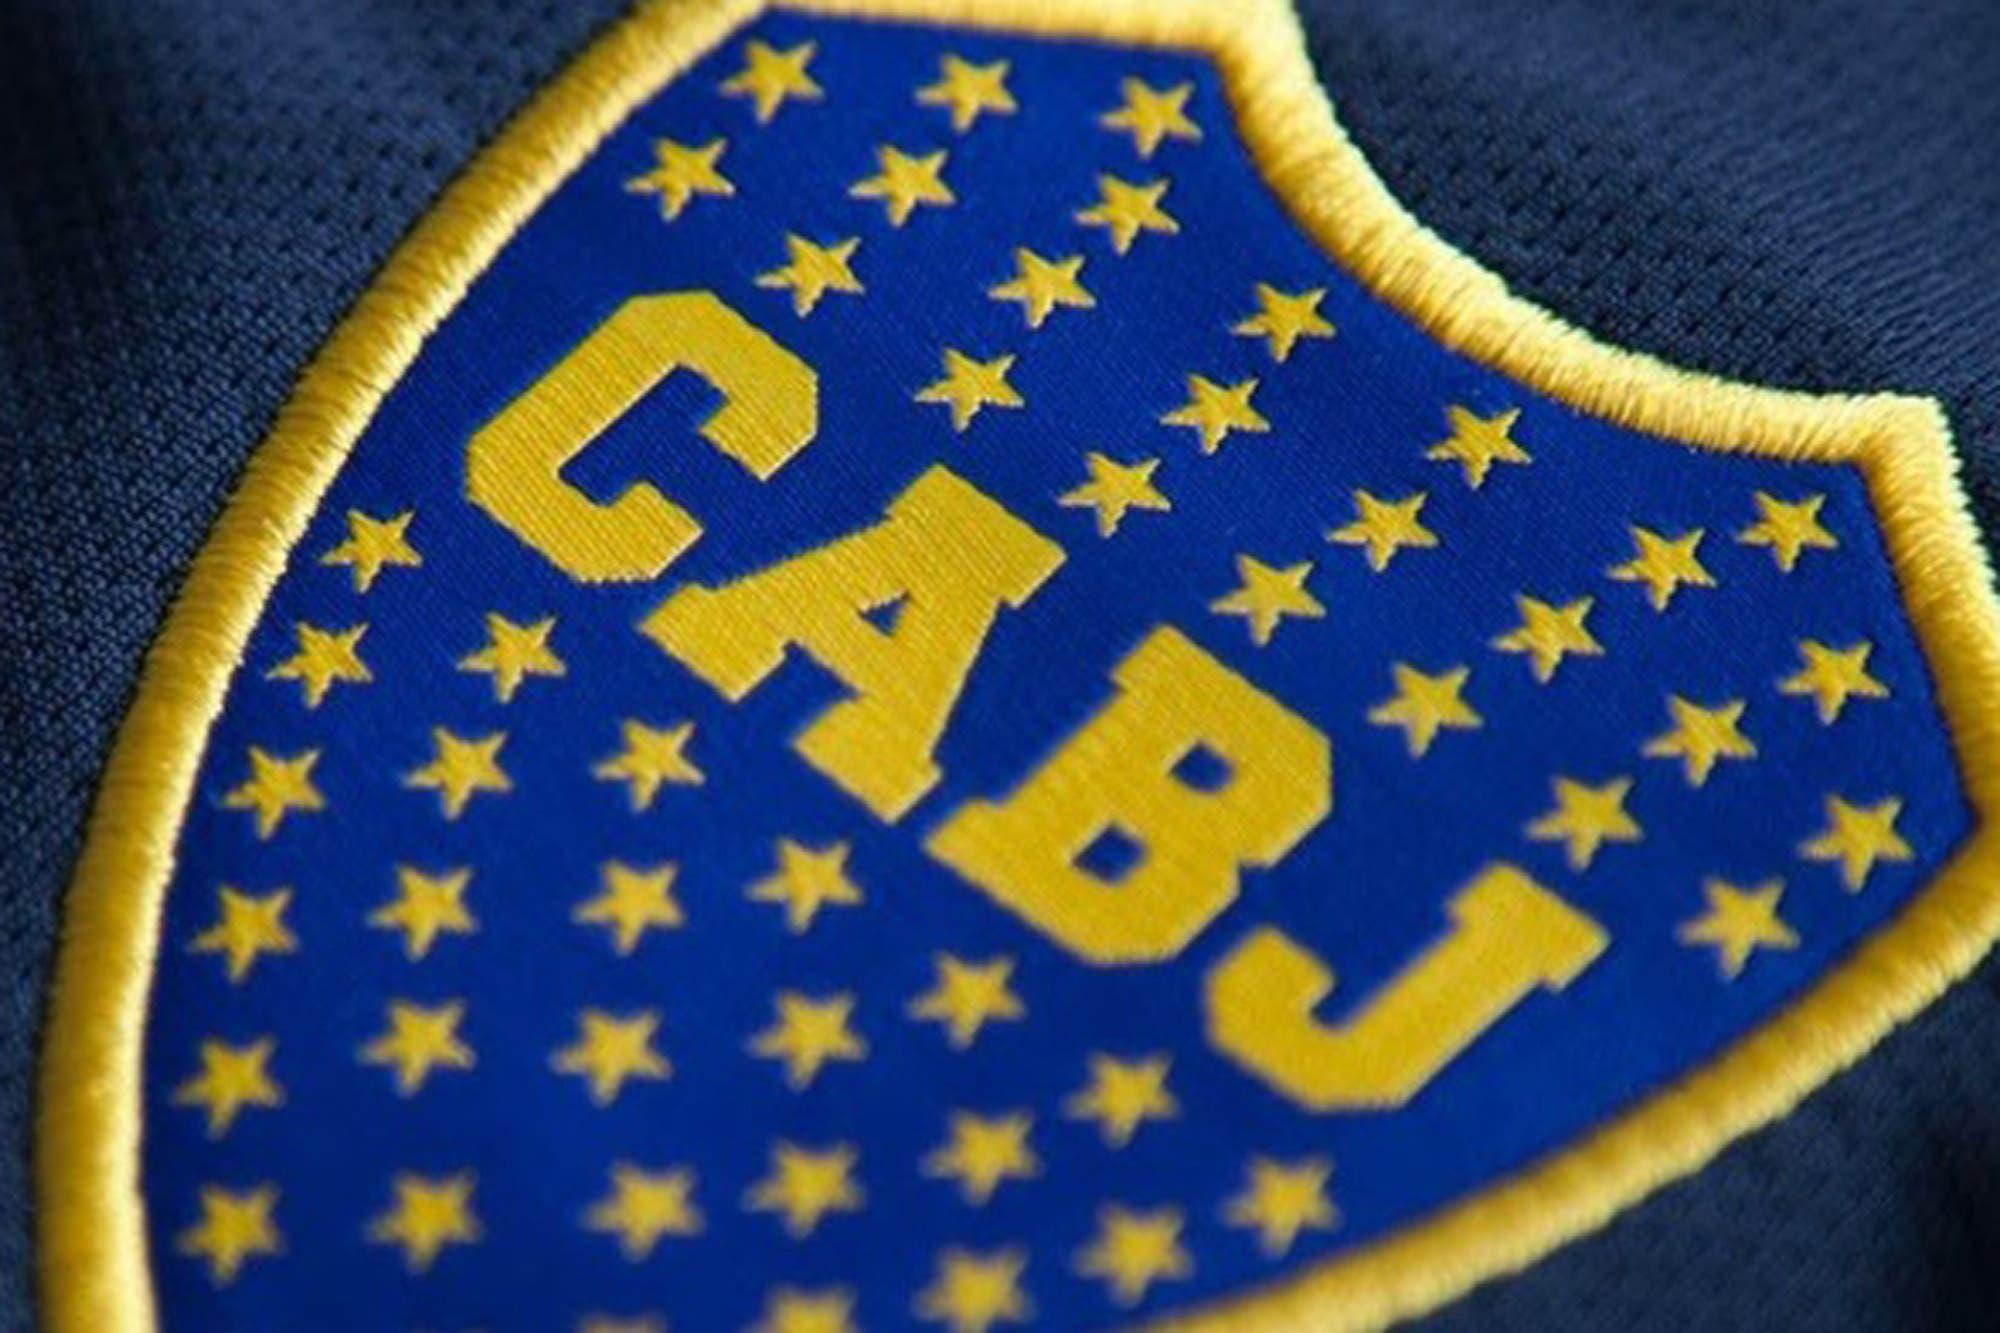 Estrellas en los escudos: la historia detrás de los logros de los clubes argentinos